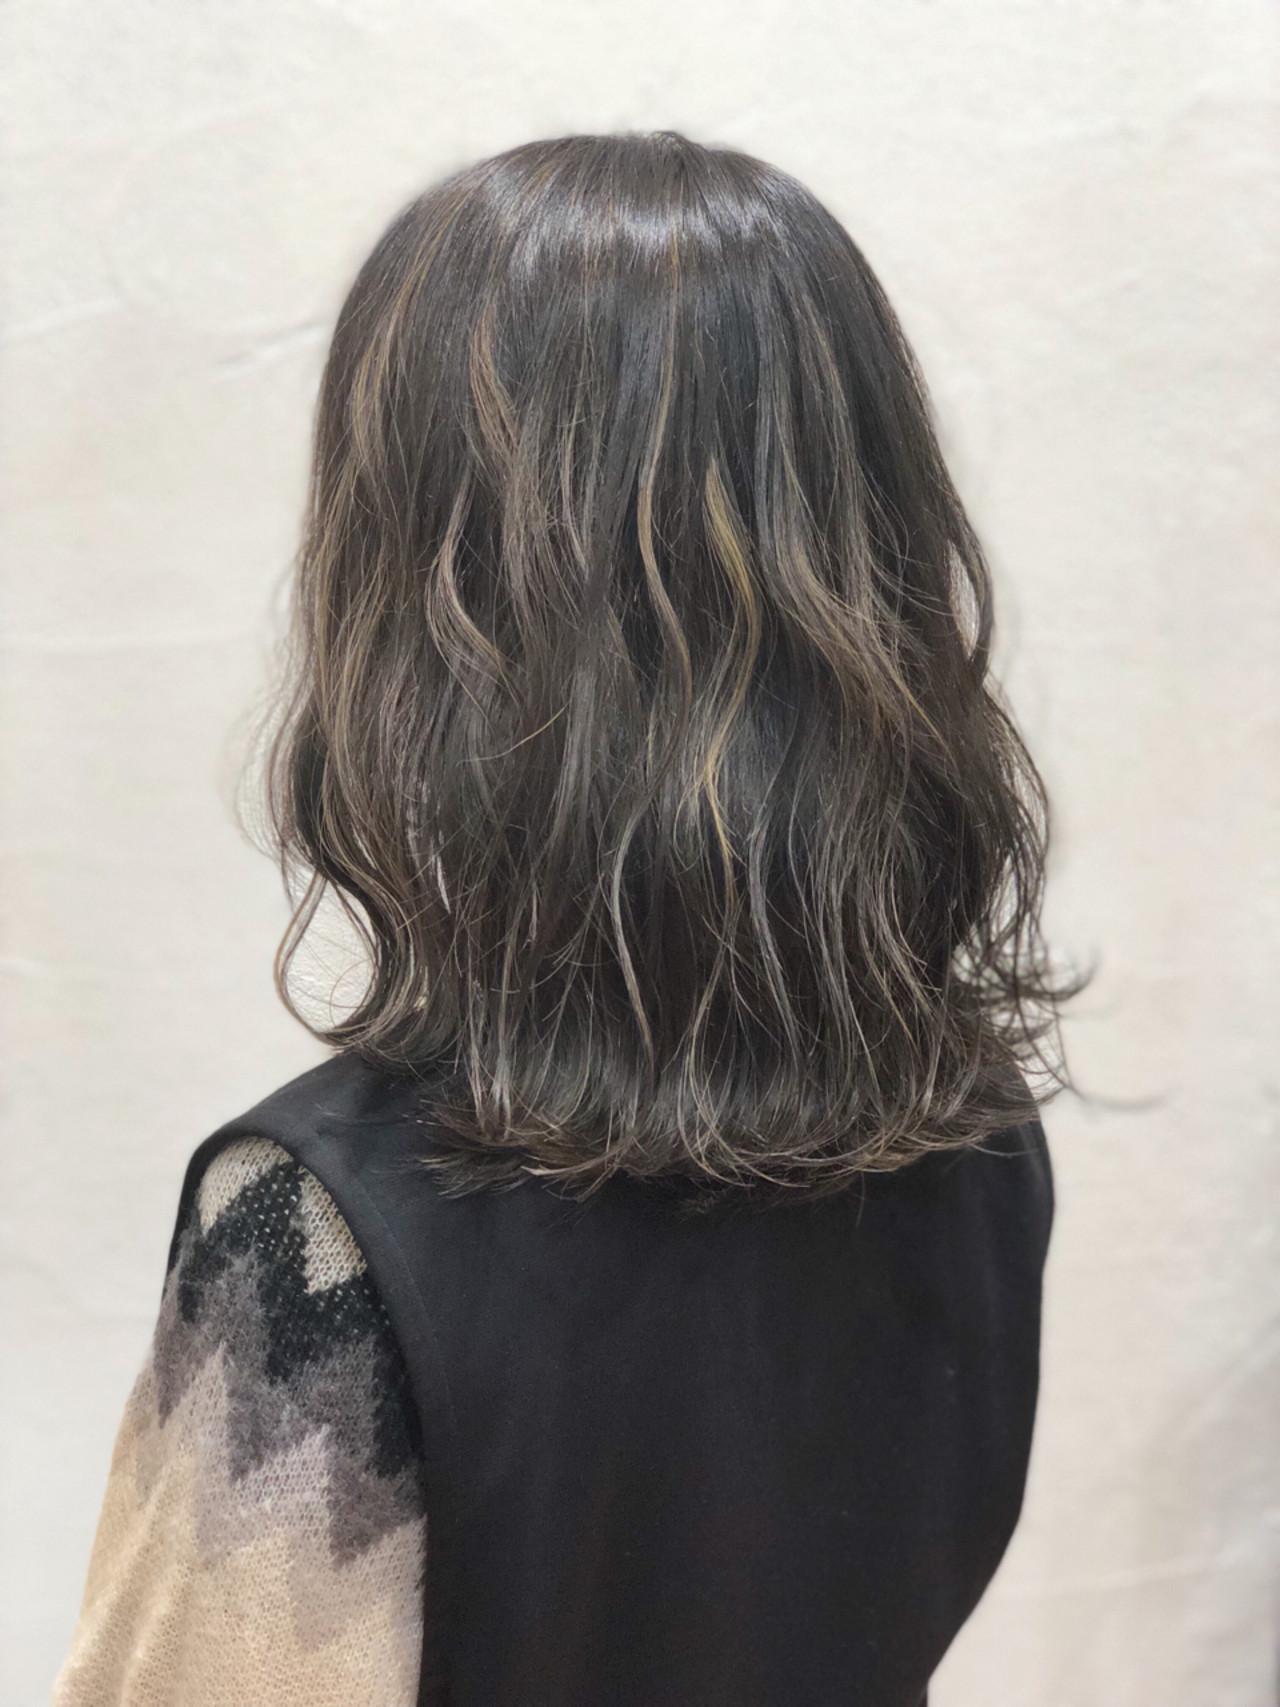 ナチュラル セミロング 透明感 ハイライト ヘアスタイルや髪型の写真・画像